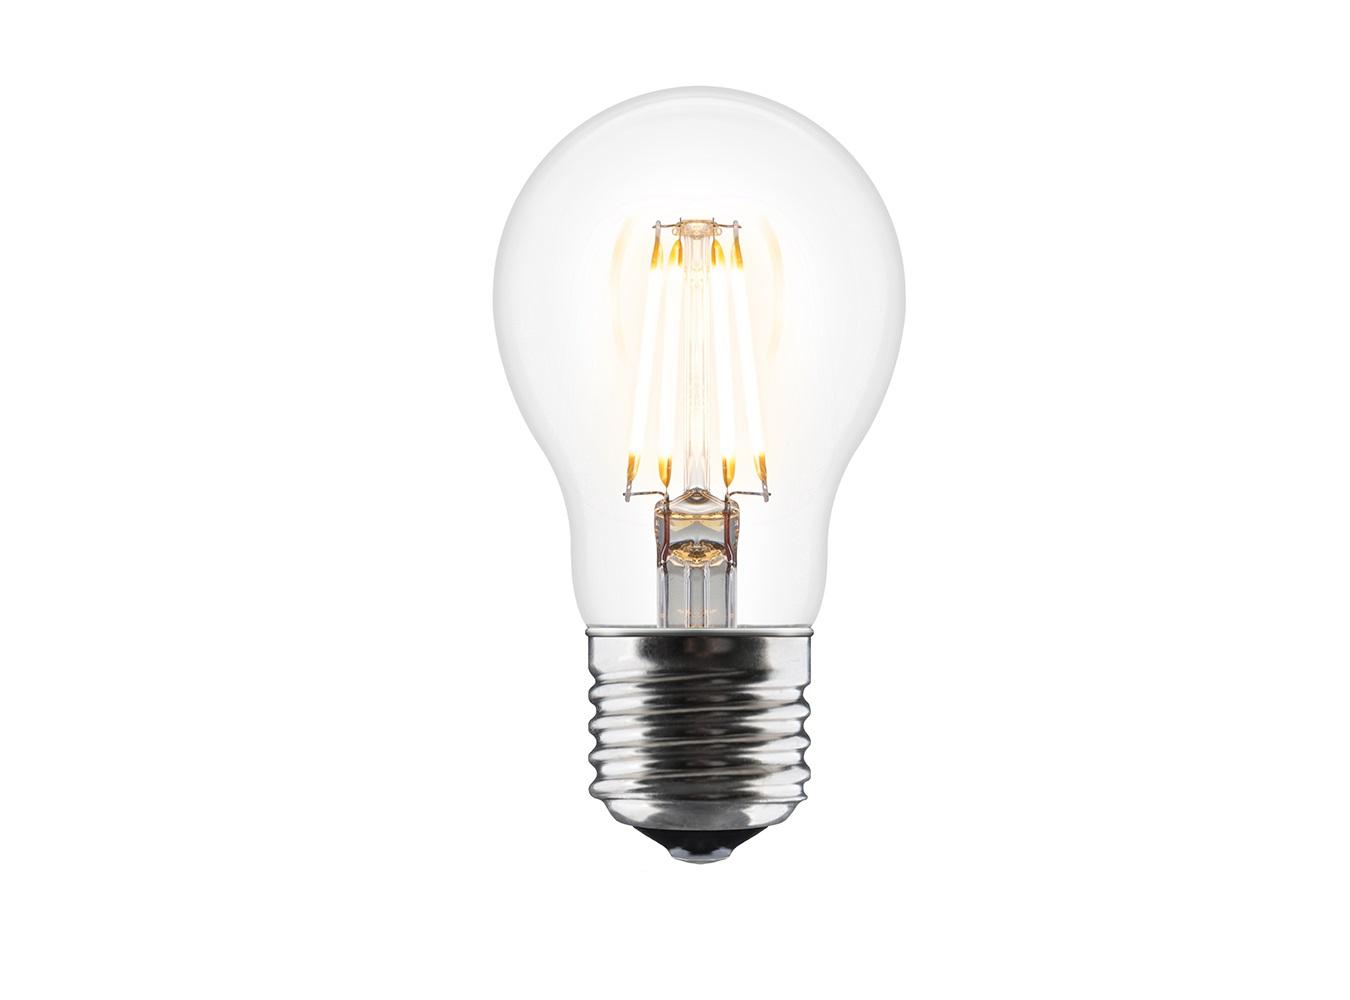 Лампочка ideaЛампочки<br>Уделяя особое внимание качеству света и защите окружающей среды, дизайнеры VITA создали эту энергосберегающую лампочку категории A++, которая относится к наивысшему классу энергоэффективности. Её простой и привлекательный дизайн напоминает форму классической лампочки, хотя в отличие от последней лампочка LED Idea не нагревается во время работы. Благодаря высоким показателям цветопередачи теплый ламповый свет имитирует естественное природное освещение, приятное для глаз. Лампочка LED Idea - безопасное и нетоксичное решение для экономии энергии.&amp;lt;div&amp;gt;&amp;lt;br&amp;gt;&amp;lt;/div&amp;gt;&amp;lt;div&amp;gt;Вид цоколя: LED&amp;lt;br&amp;gt;&amp;lt;/div&amp;gt;&amp;lt;div&amp;gt;&amp;lt;div&amp;gt;Мощность: 6W&amp;lt;/div&amp;gt;&amp;lt;div&amp;gt;&amp;lt;br&amp;gt;&amp;lt;/div&amp;gt;&amp;lt;div&amp;gt;&amp;lt;br&amp;gt;&amp;lt;/div&amp;gt;&amp;lt;/div&amp;gt;<br><br>Material: Стекло